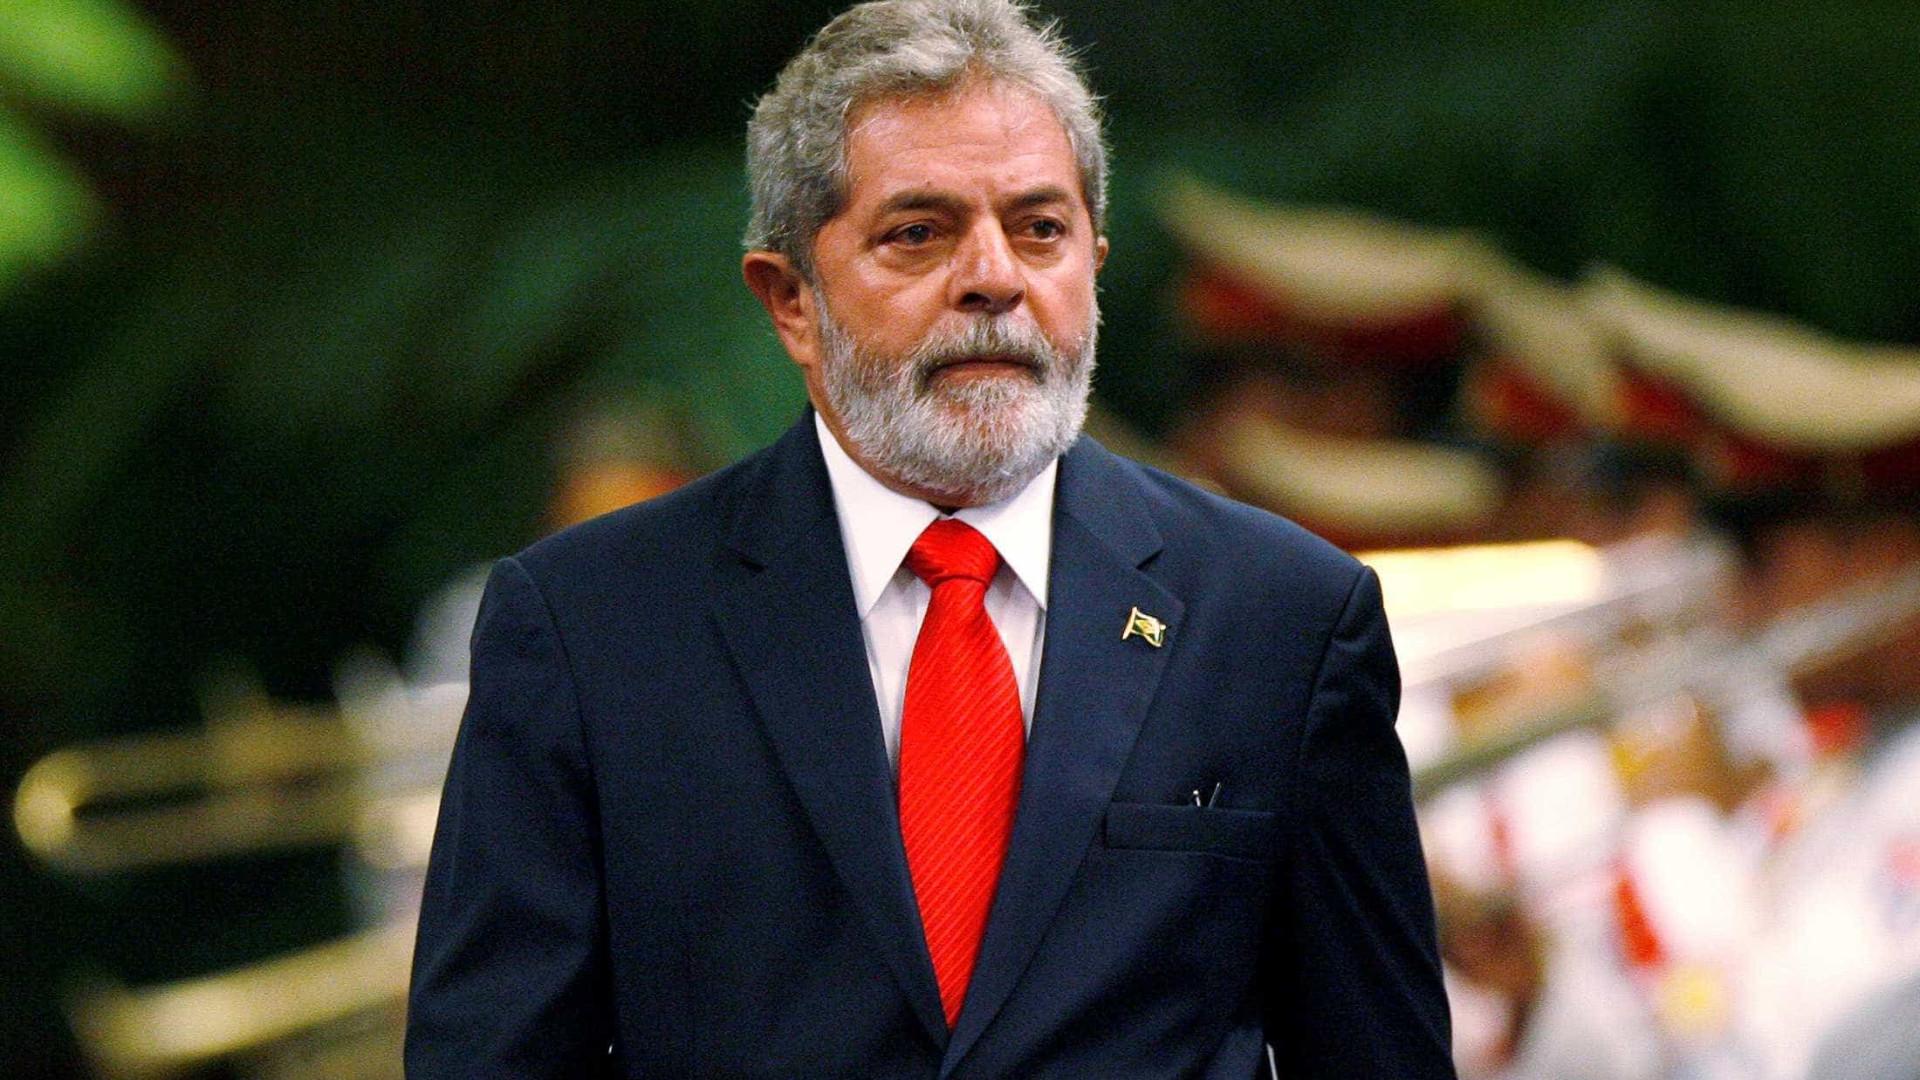 Ministério Público pede arquivamento de investigação contra Lula da Silva